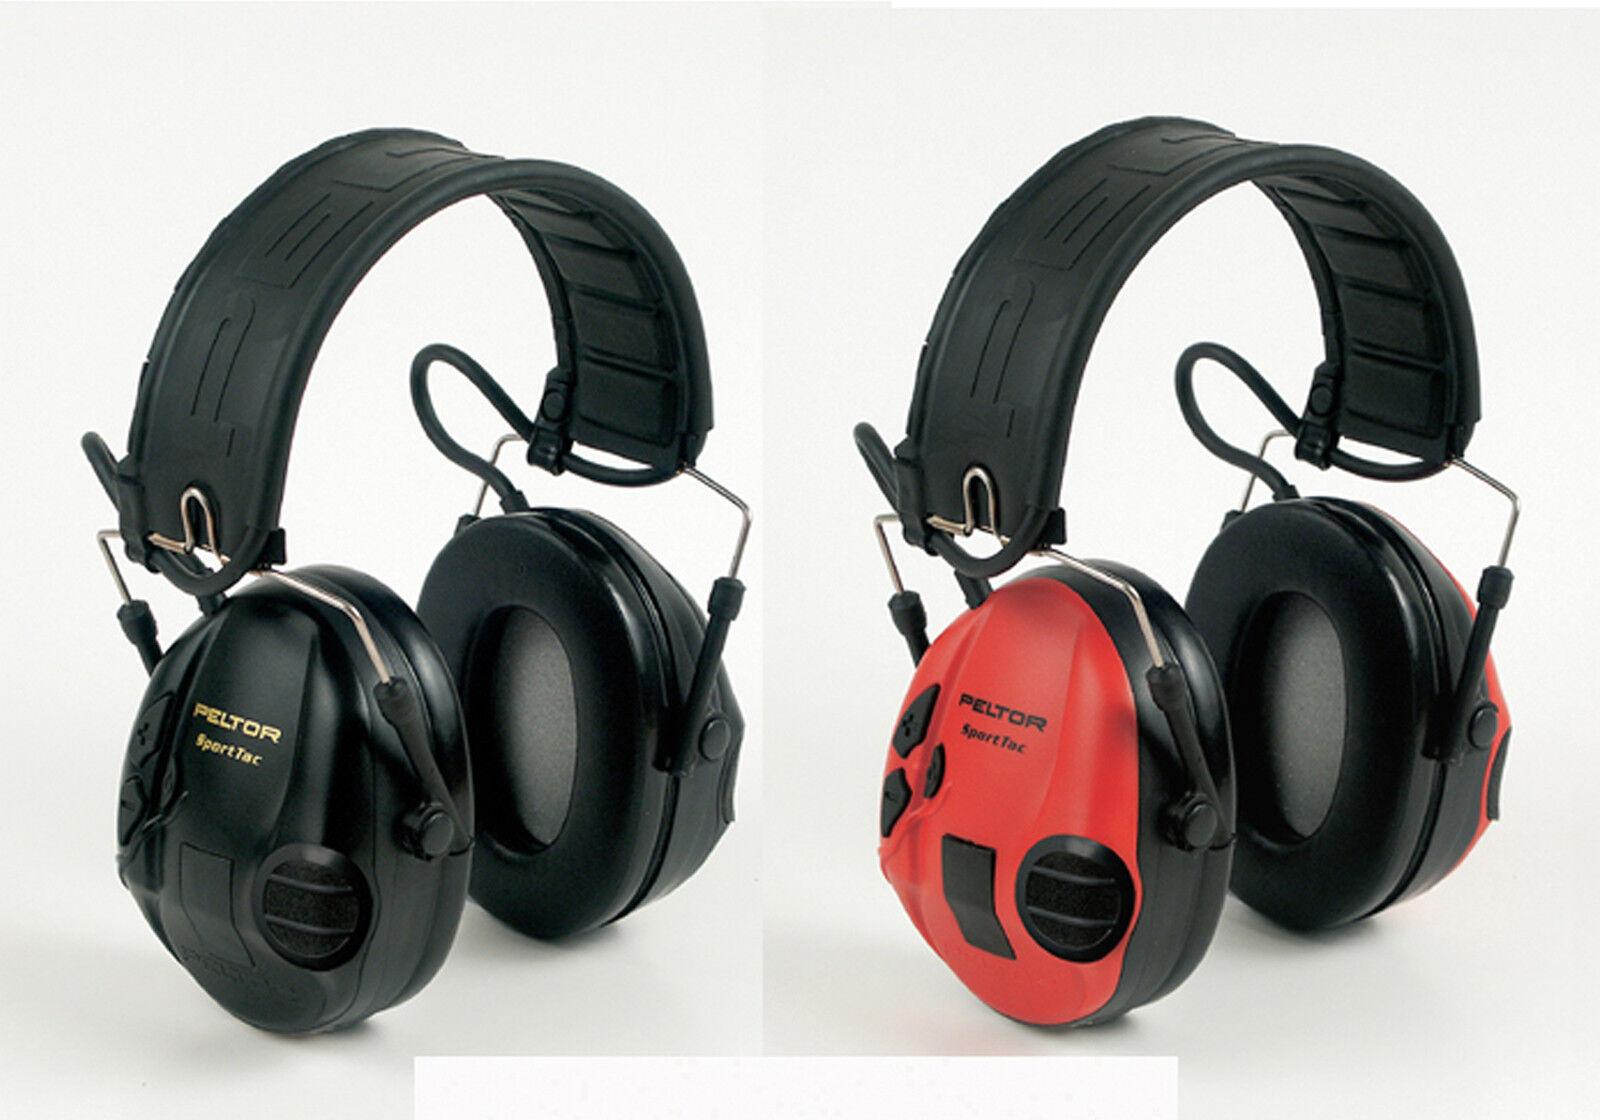 3M Peltor SportTac Rojo y Negro Projoección activa para disparar MT16H210F-478-RD